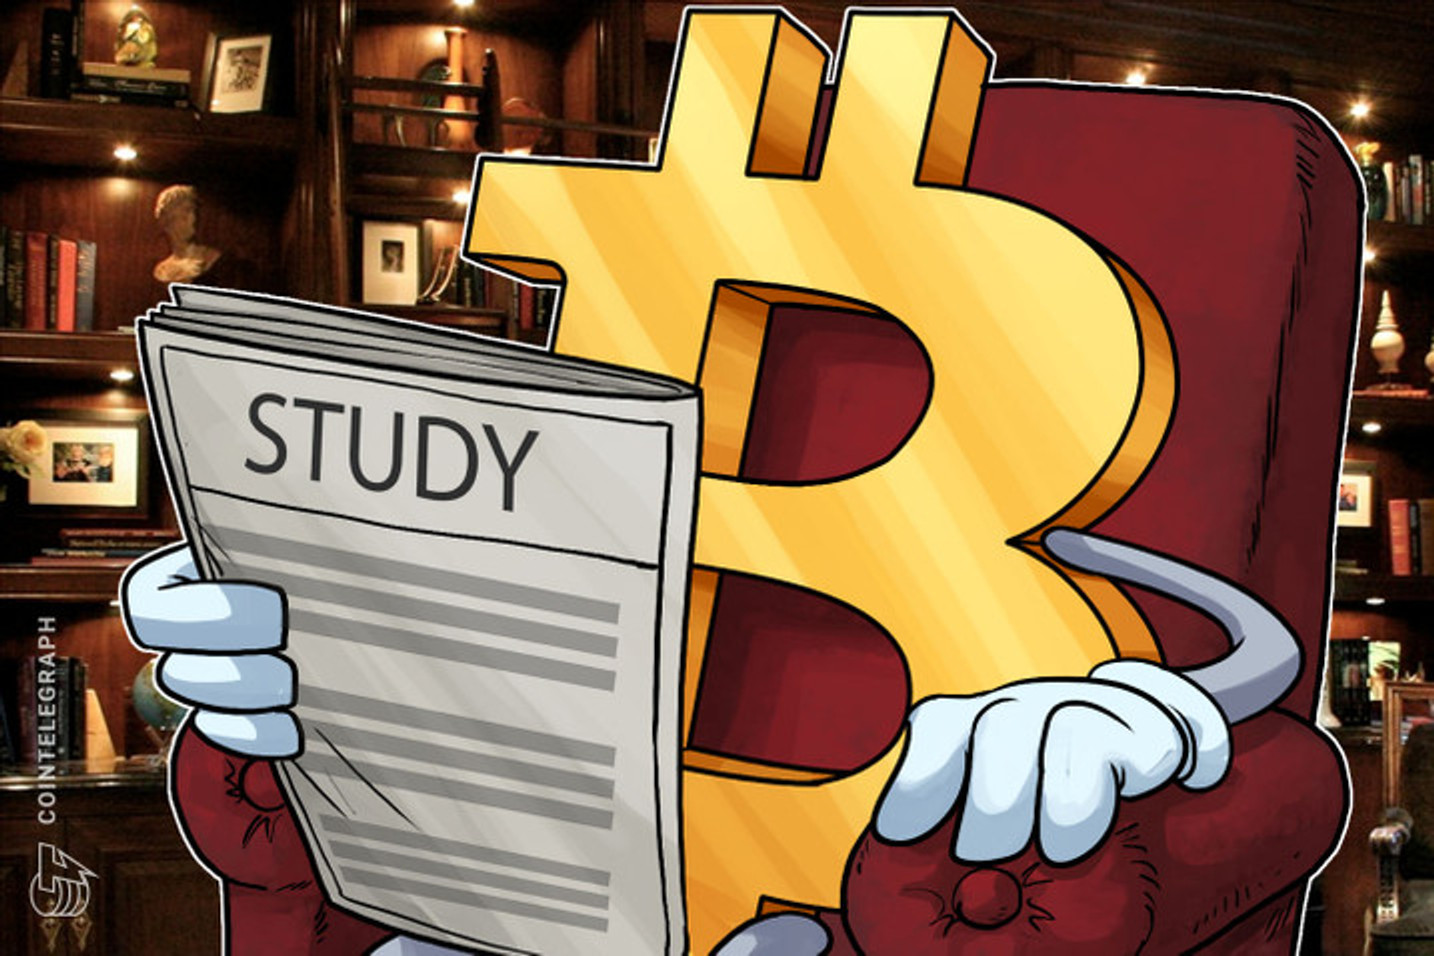 Apesar de alta histórica do Bitcoin gestora brasileira recomenda cautela em carta a seus investidores